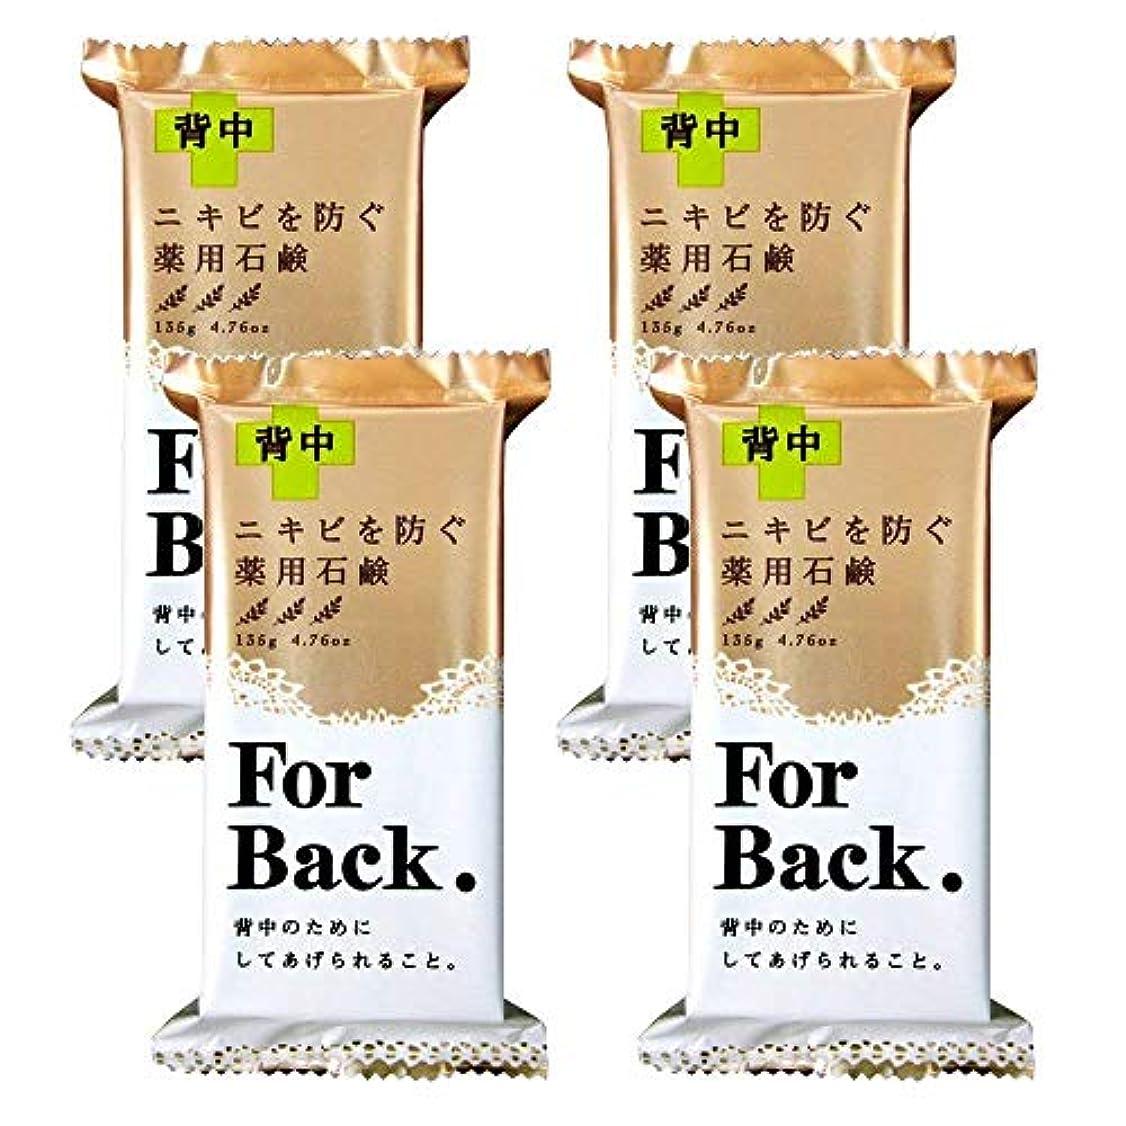 ママブロッサム冷笑する薬用石鹸 ForBack 135g×4個セット